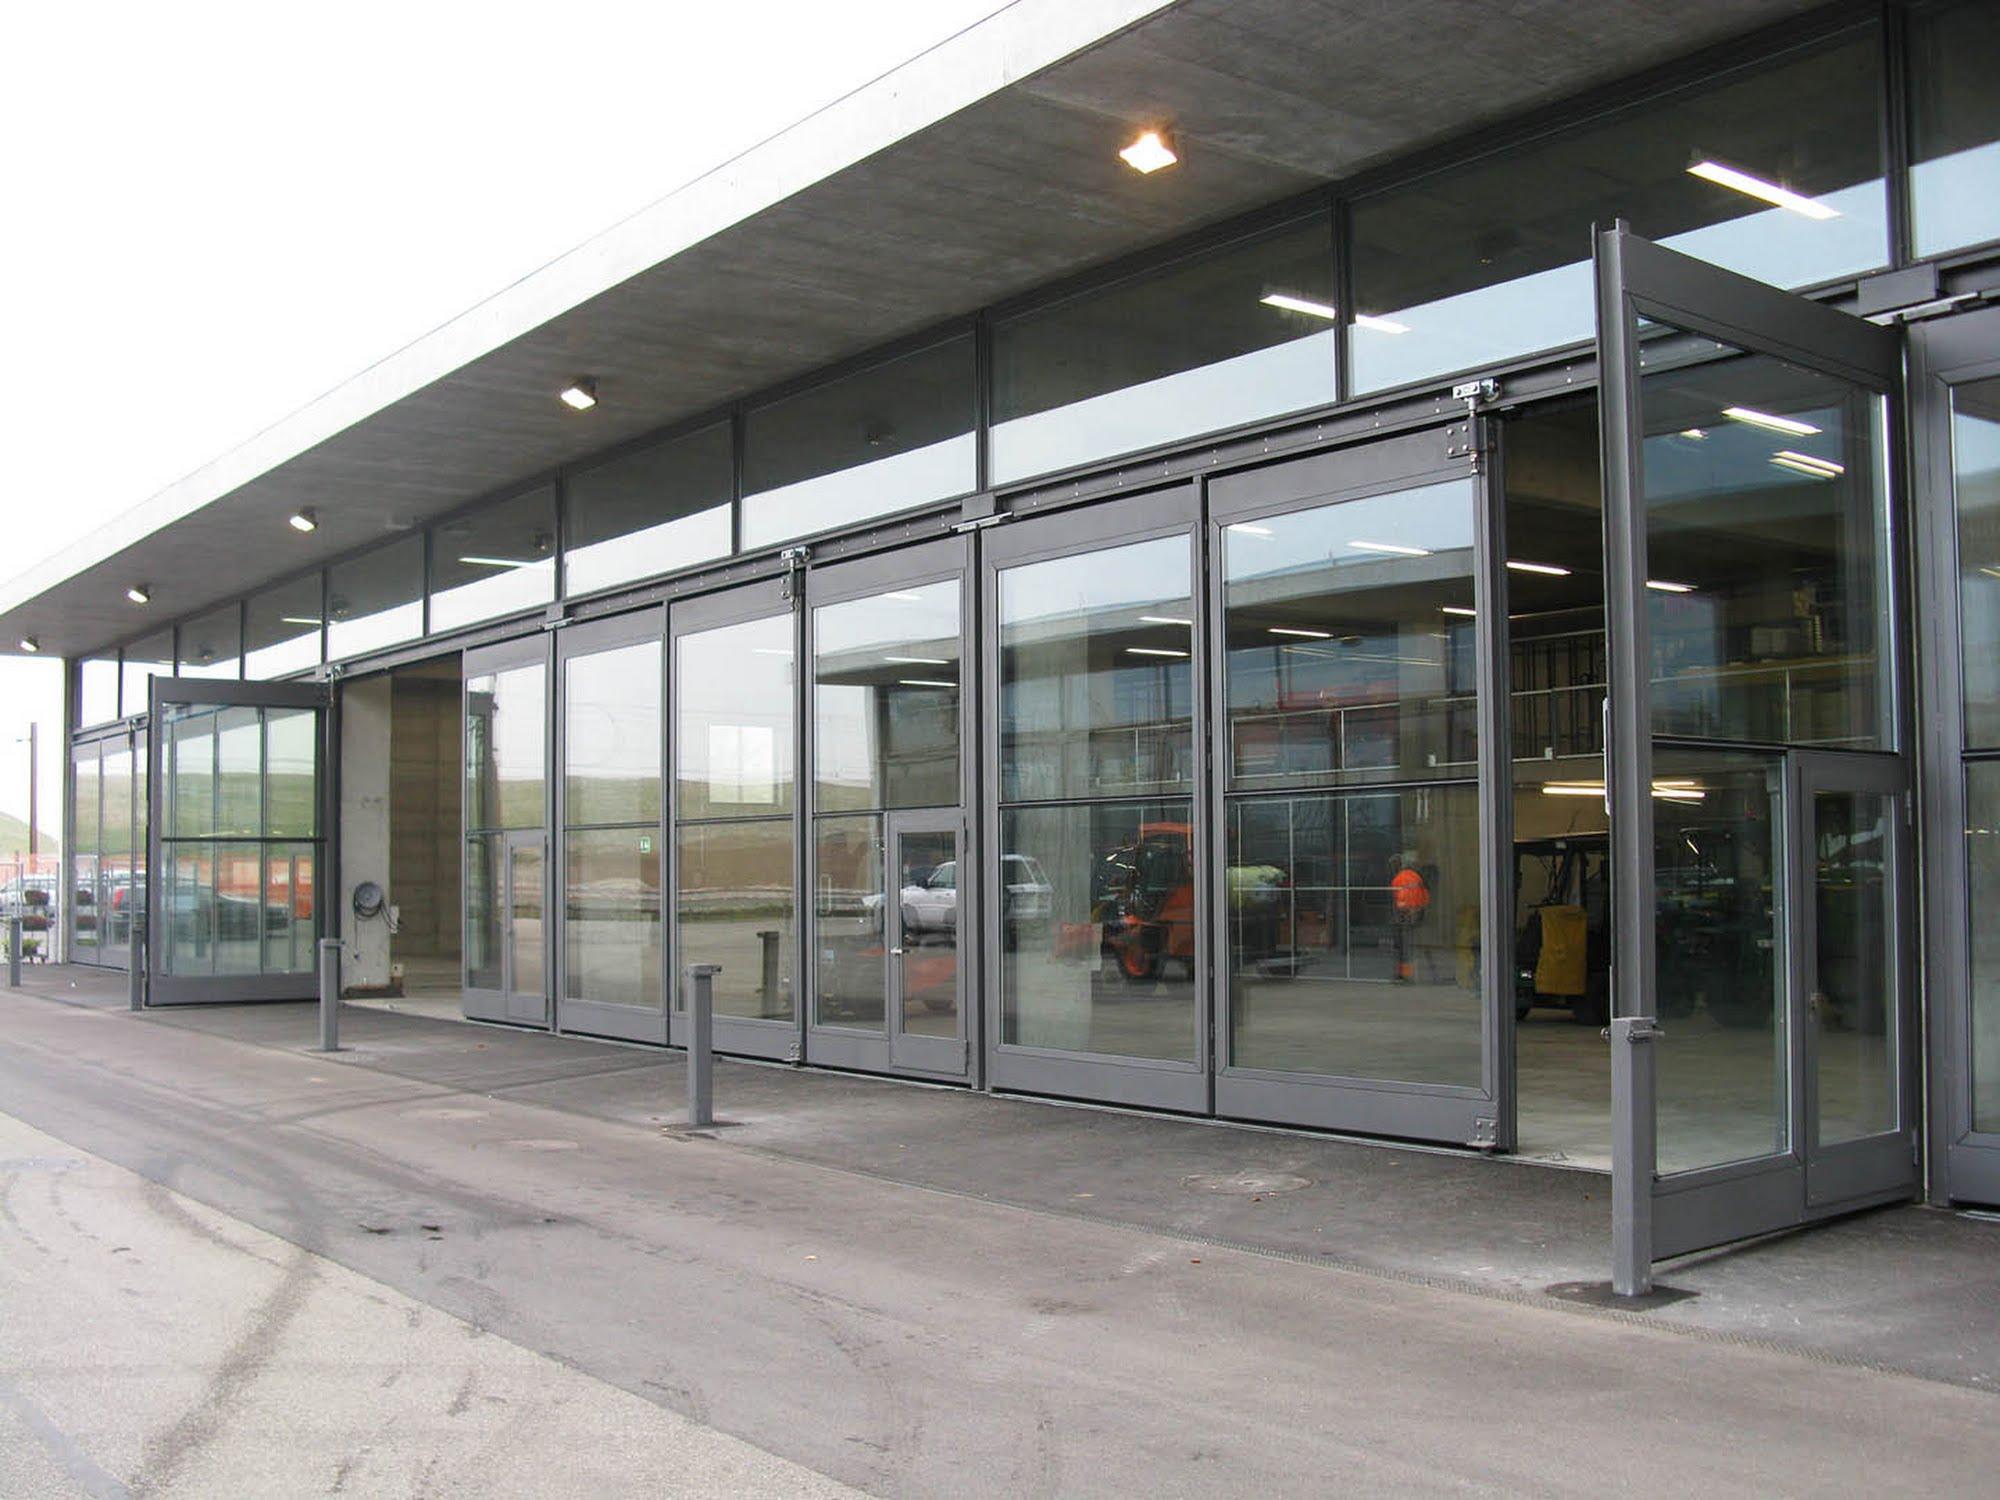 Falttore Feuerwehr + Werkhof Olten